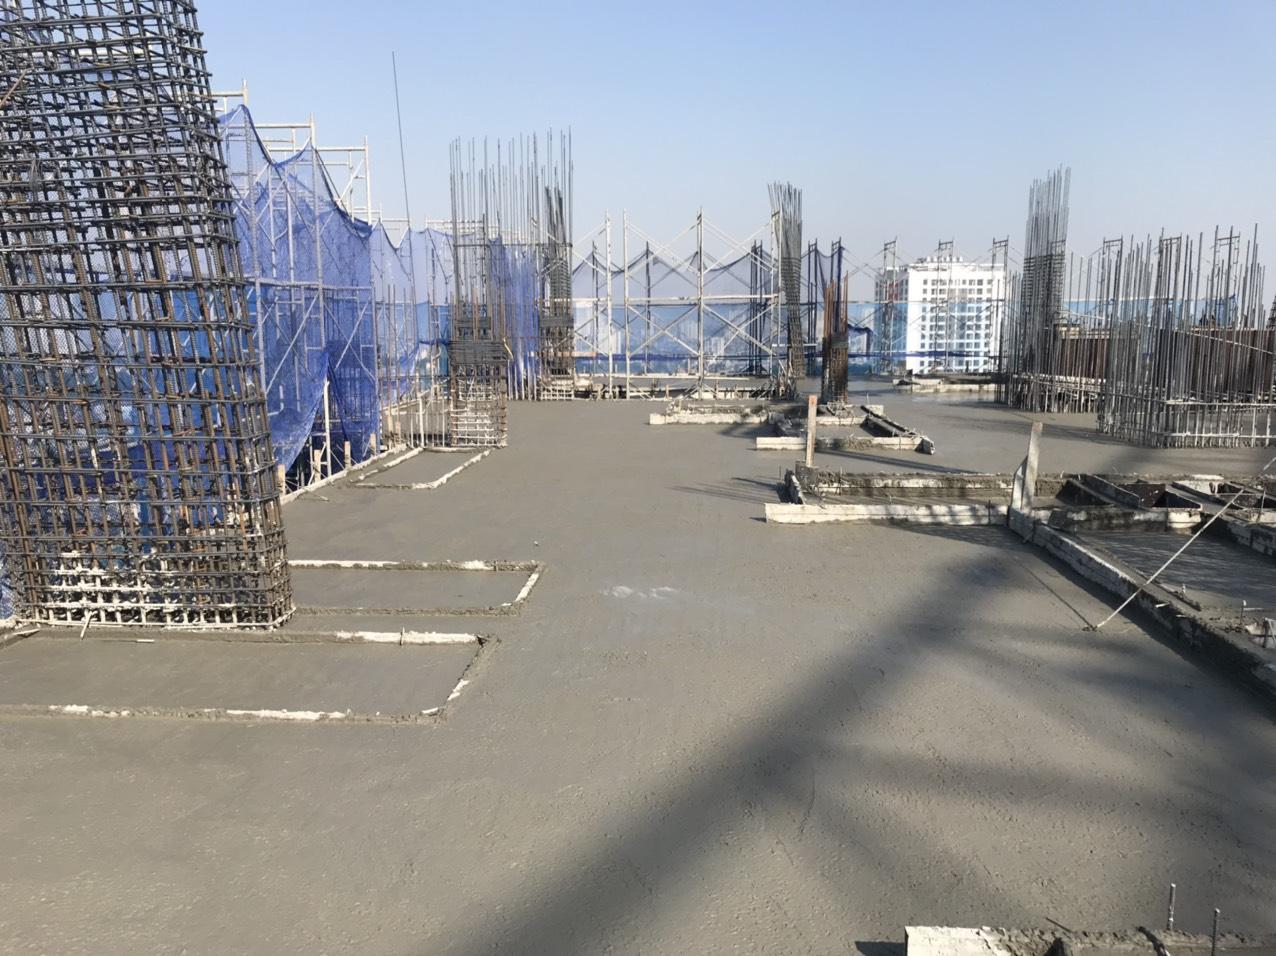 Tiến độ xây dựng dự án Athena Complex Pháp Vân ngày 16/11/2020